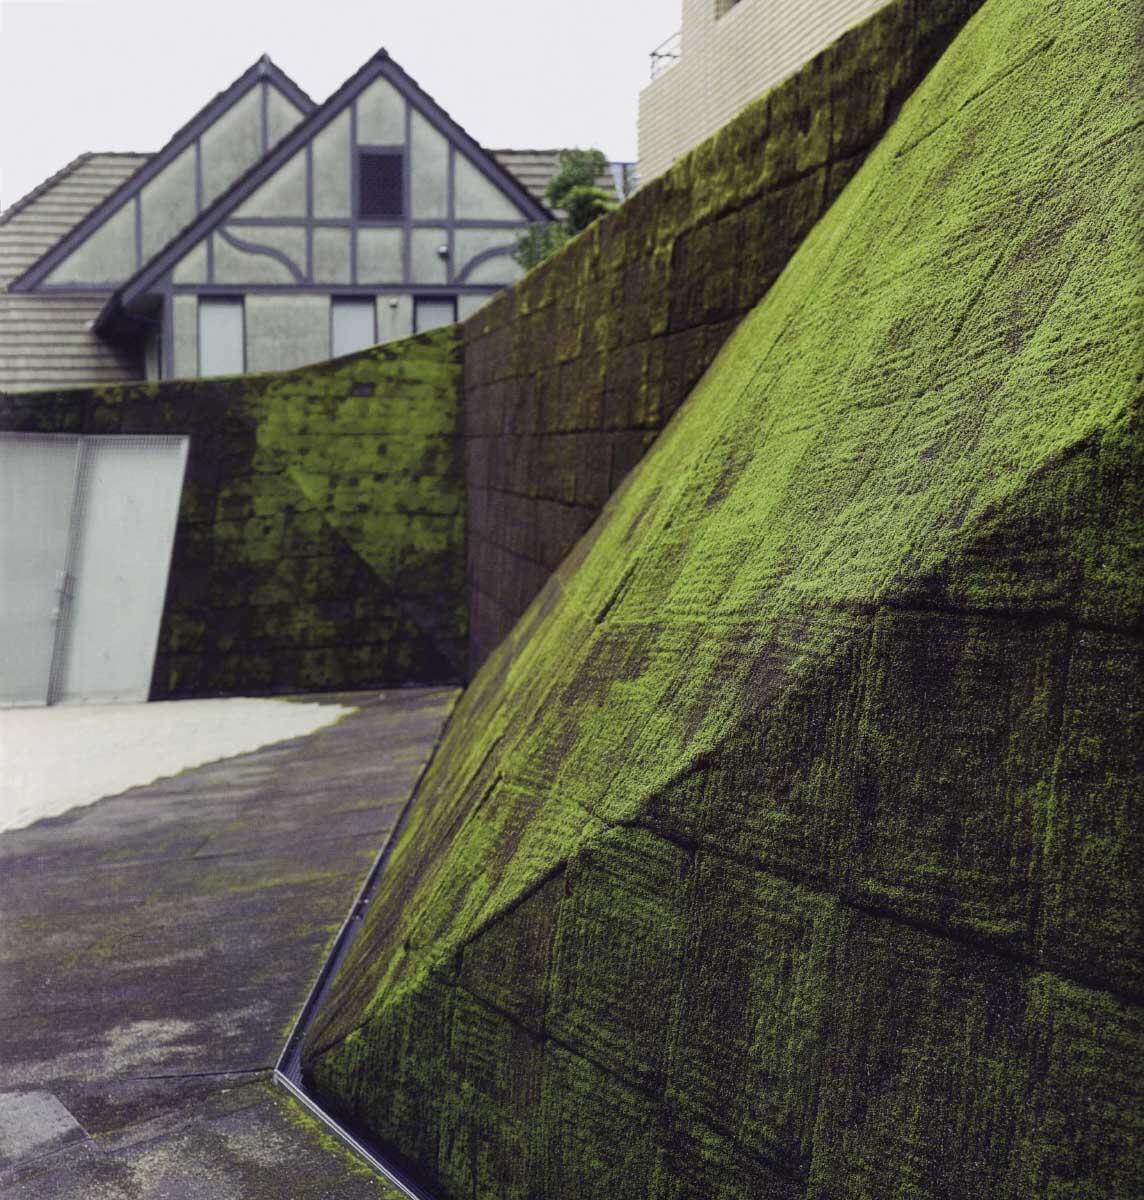 Hof neben dem Prada-Shop Tokyo (2003) von Herzog & de Meuron: eine Anspielung an traditionelle japanische Moosgärten.  Bild: Mario Ciampi, aus: Anna Lambertini, Mario Ciampi, Vertikale Gärten, München 2009 (Orig. 2007)